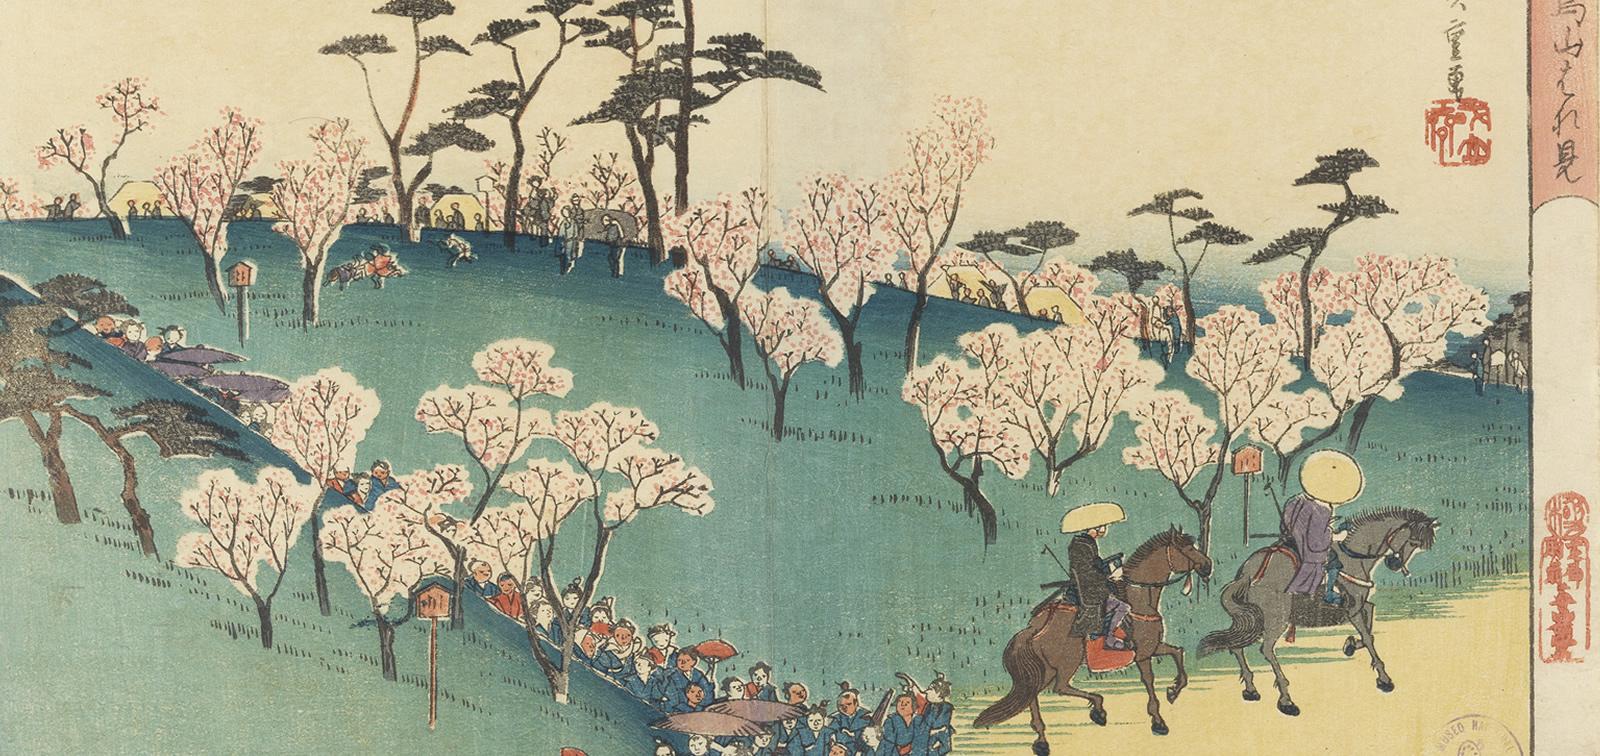 Estampas japonesas en el Museo del Prado